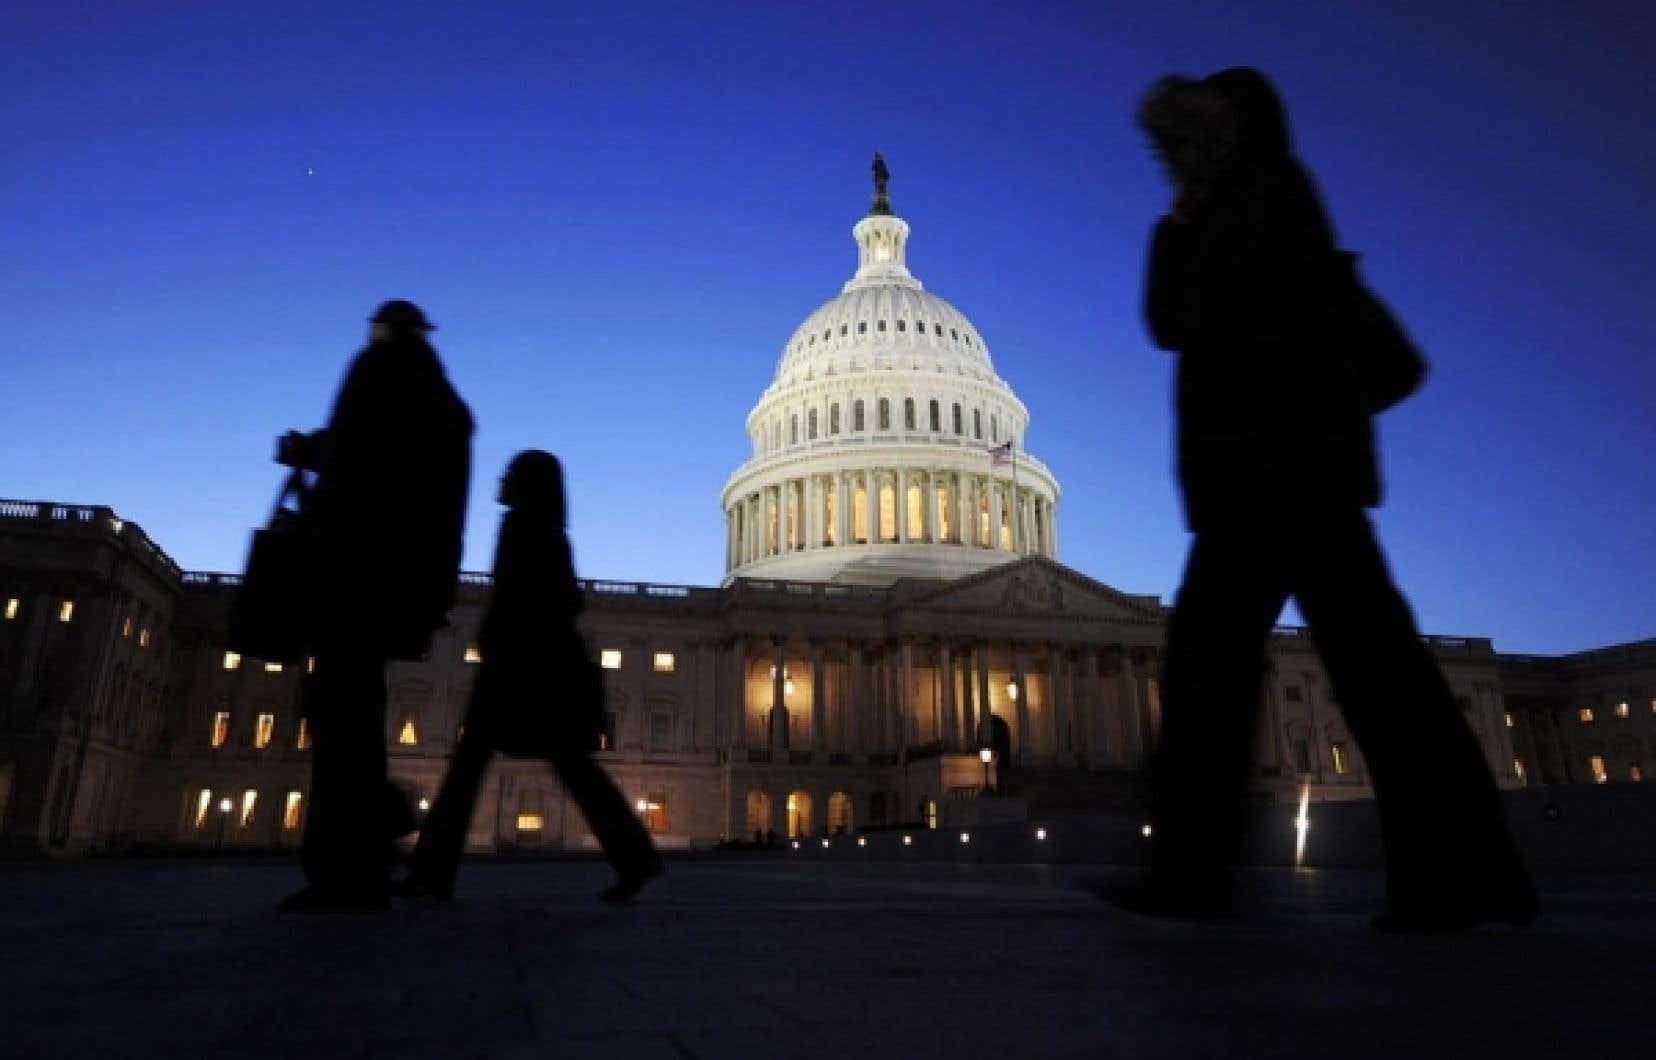 Des spécialistes des médias croient que la solution idéale serait un engagement à distance (arm's length) du gouvernement fédéral par lequel le Congrès apporterait un soutien financier général à la collecte de l'information, au lieu d'appuyer des journaux particuliers.